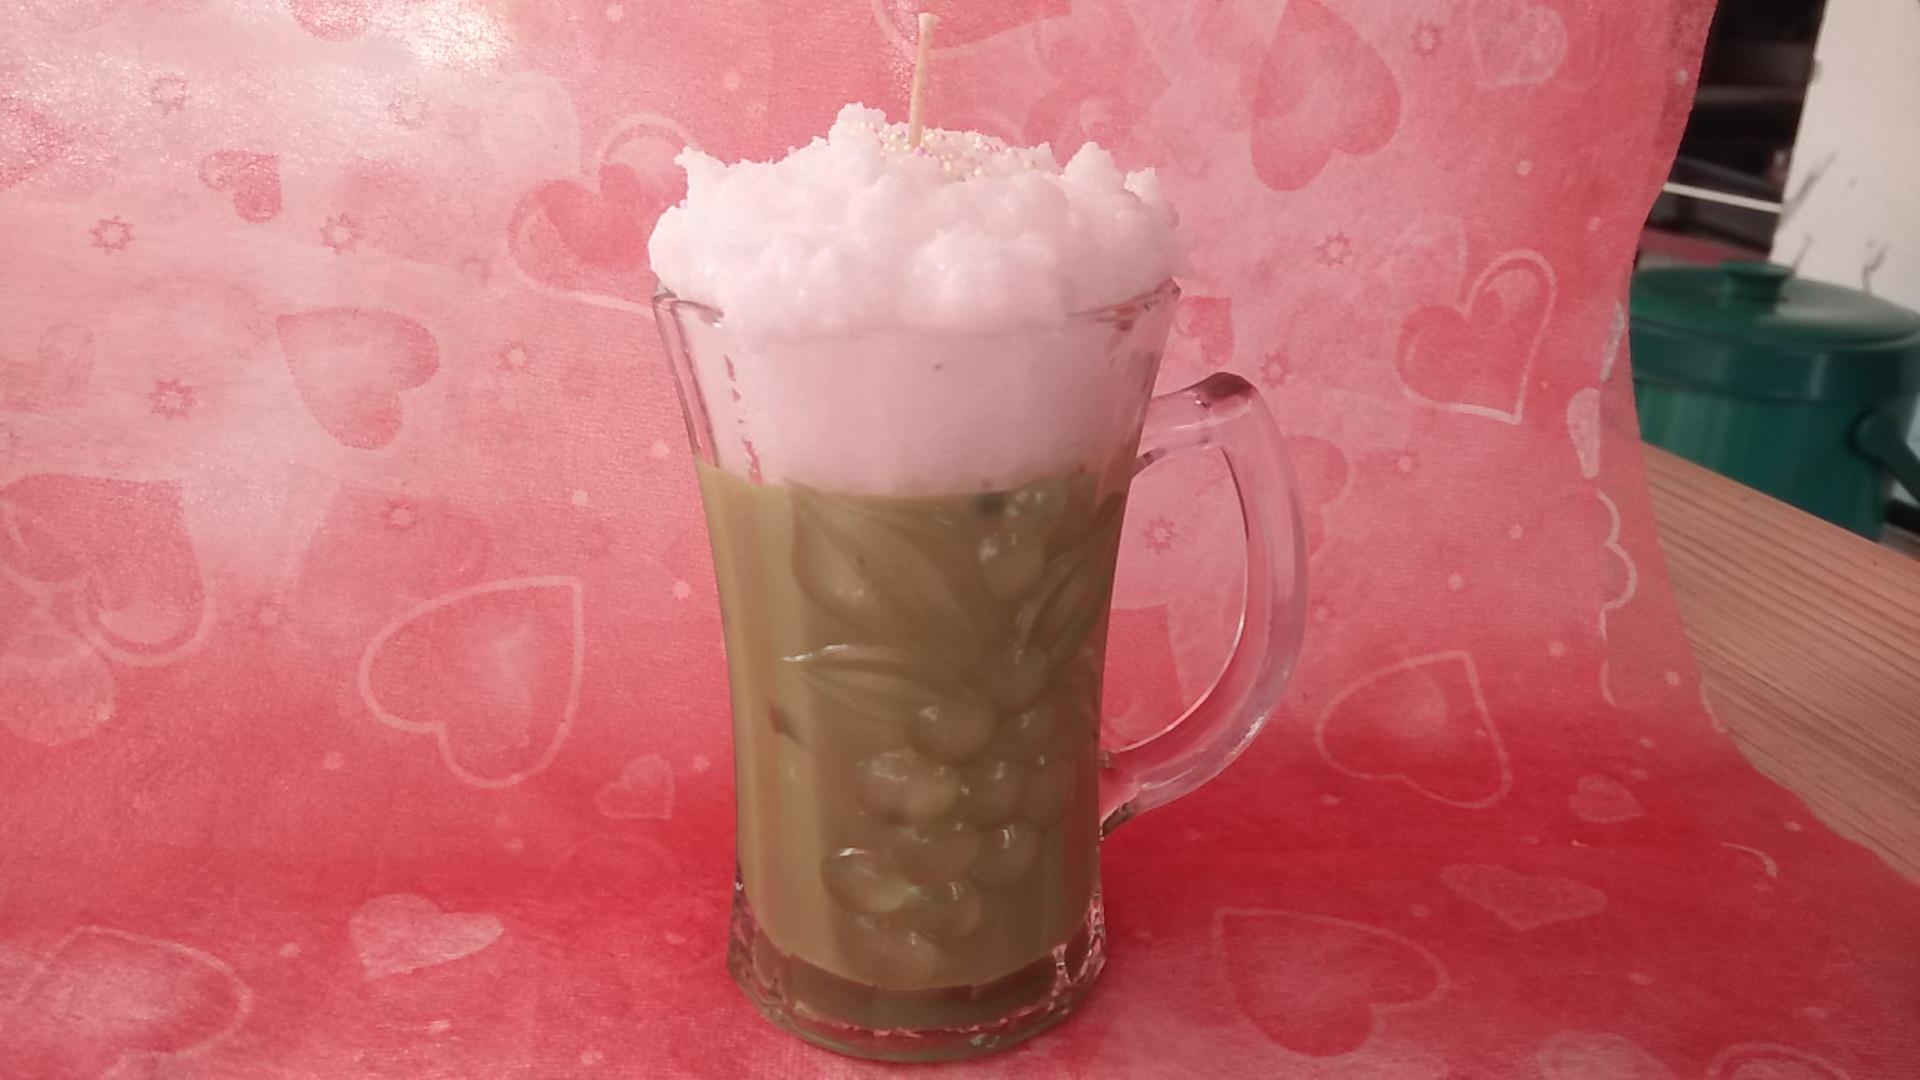 เทียนหอมชาเขียวเย็น พร้อมวิปครีม แก้วกลาง ขนาด 5x5x10 cm.